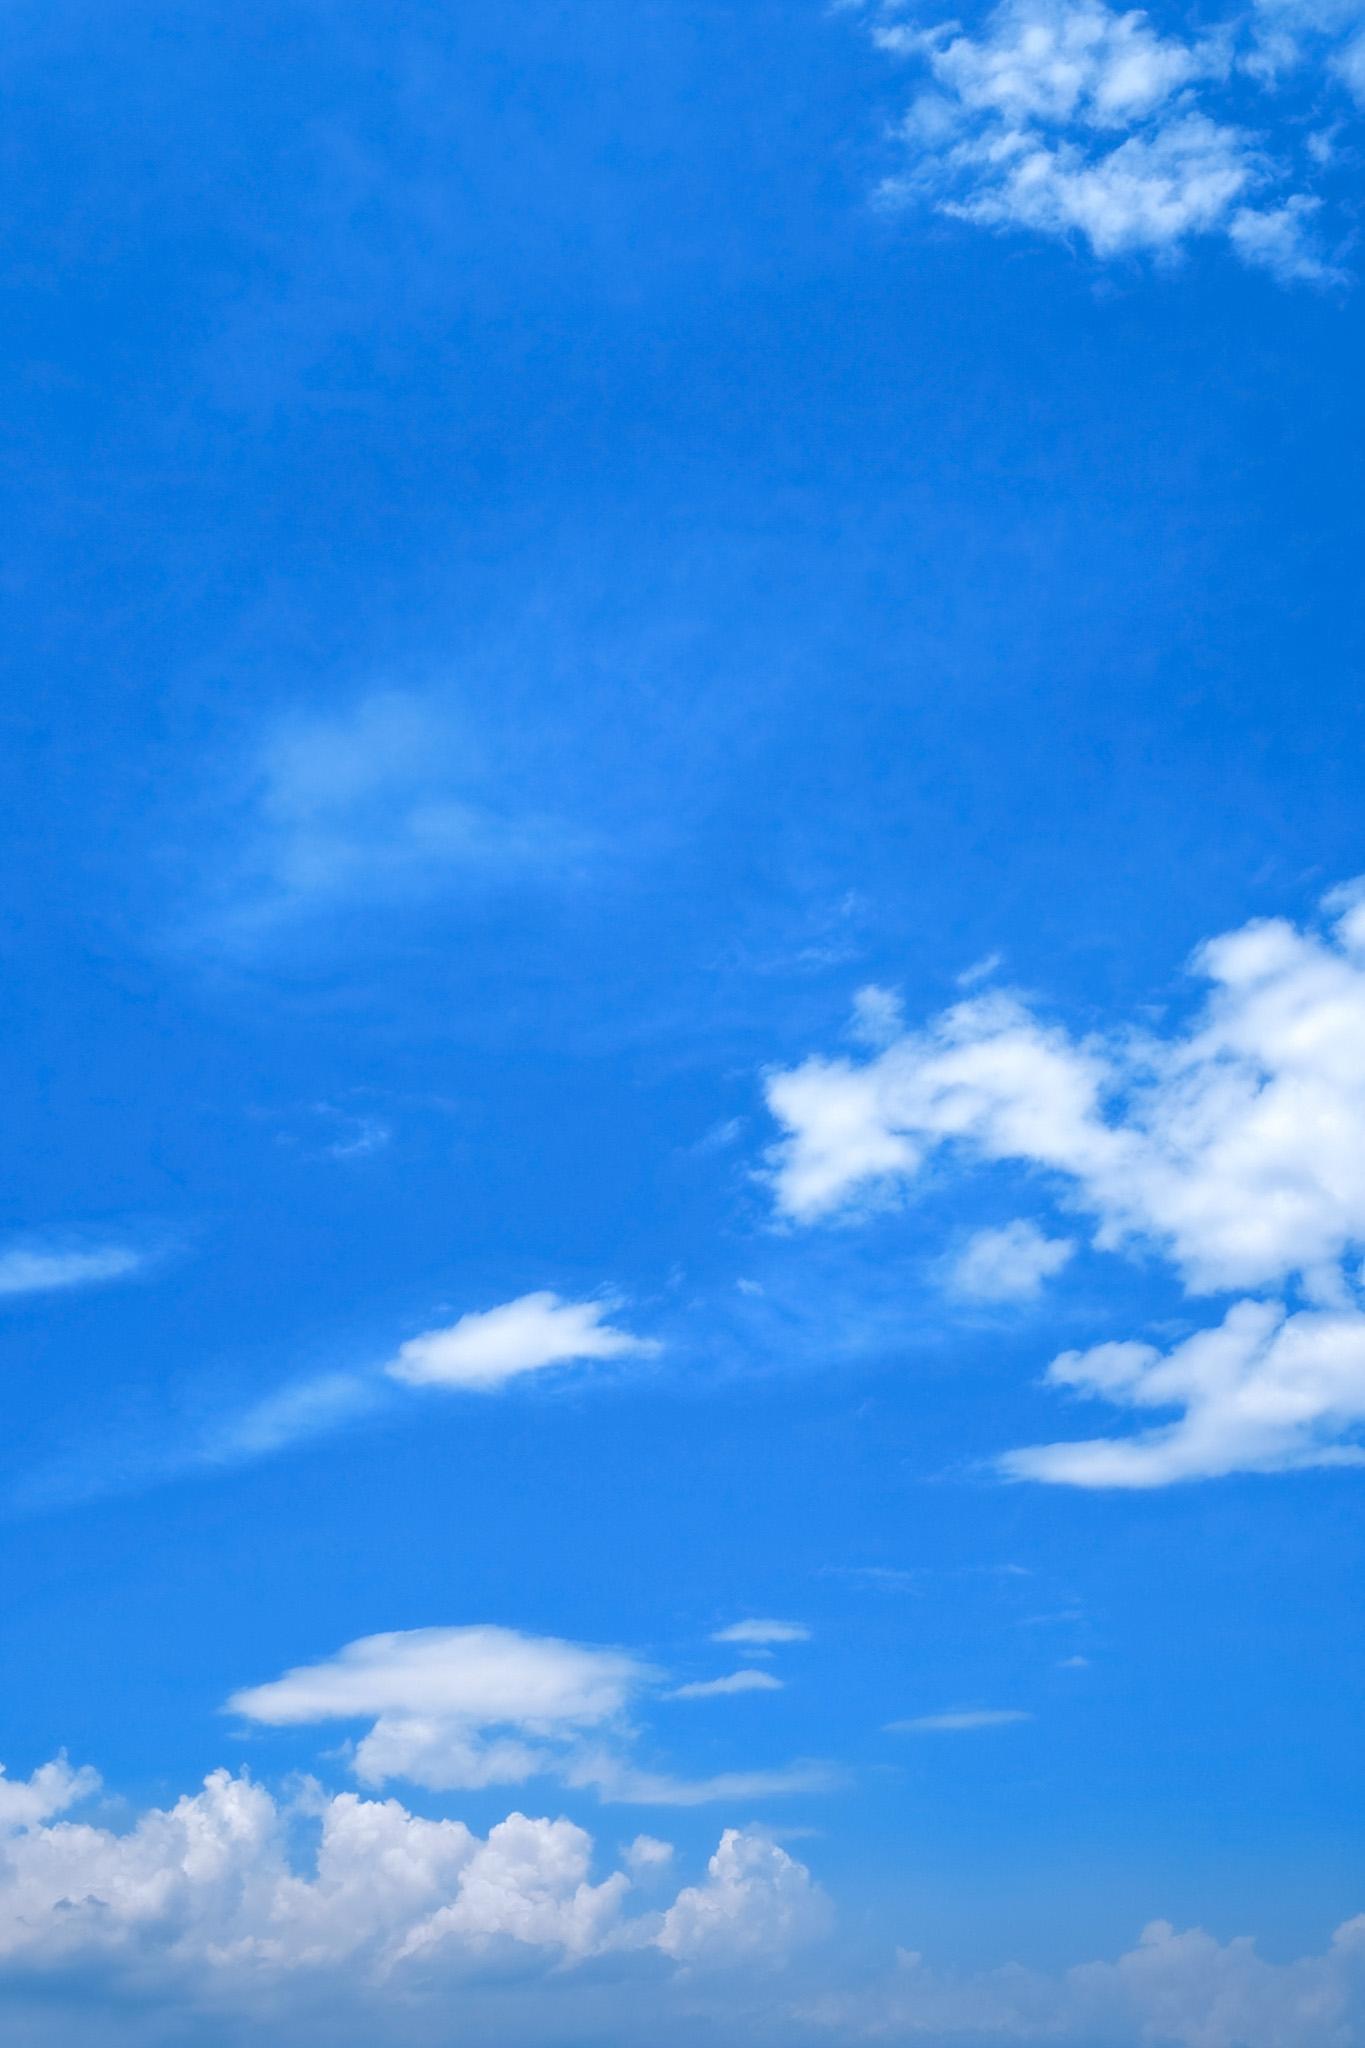 「積乱雲と壮大な青空」